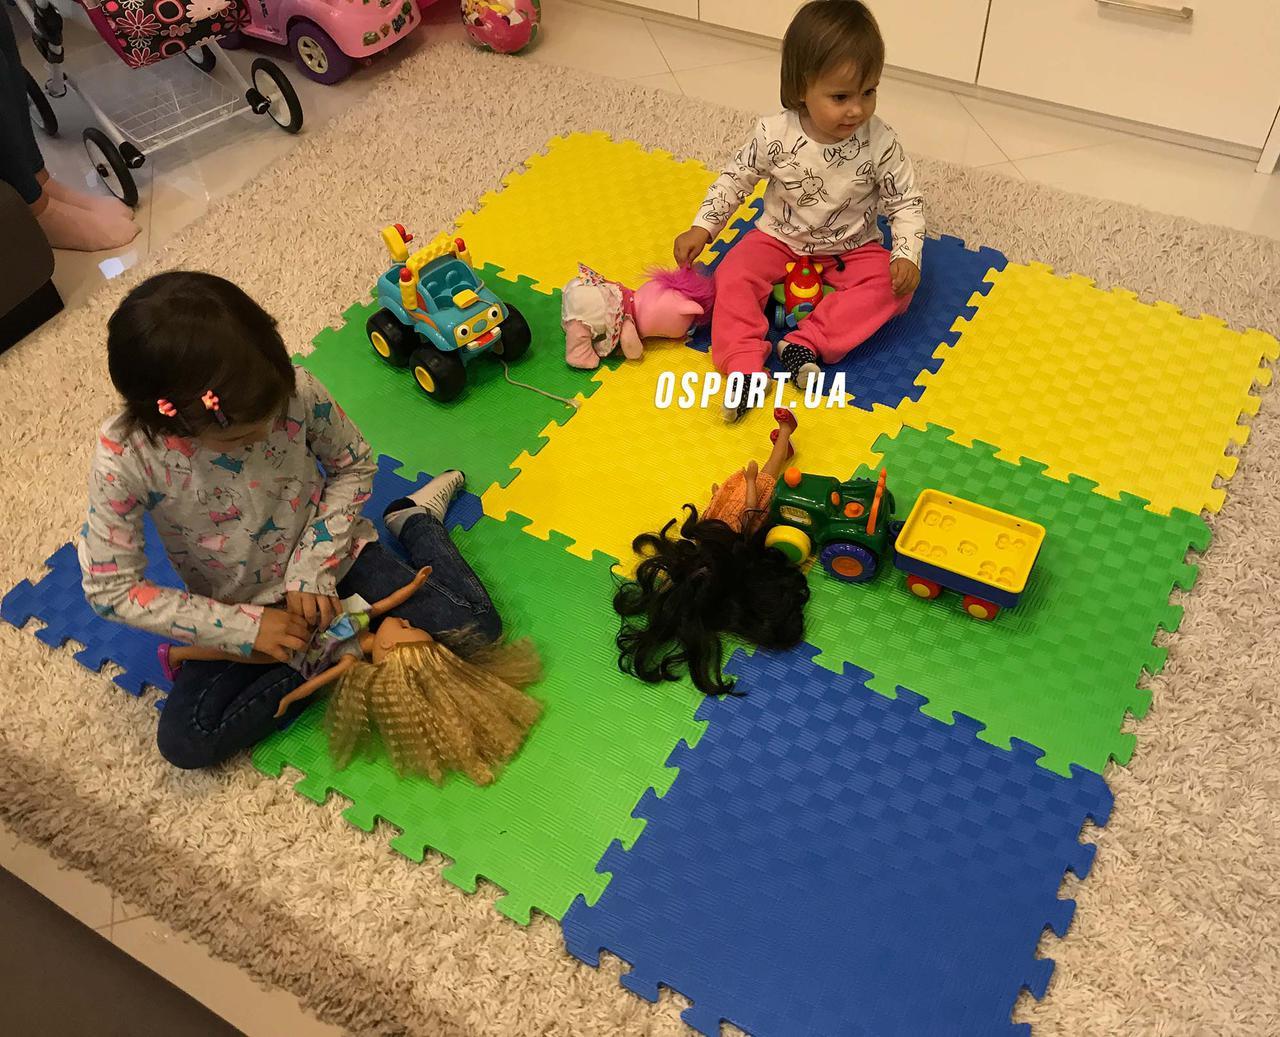 Детский игровой коврик-пазл (мат татами, ласточкин хвост) OSPORT 50cм х 50cм толщина 10мм (FI-0009) - Интернет-магазин БудОпт в Днепре